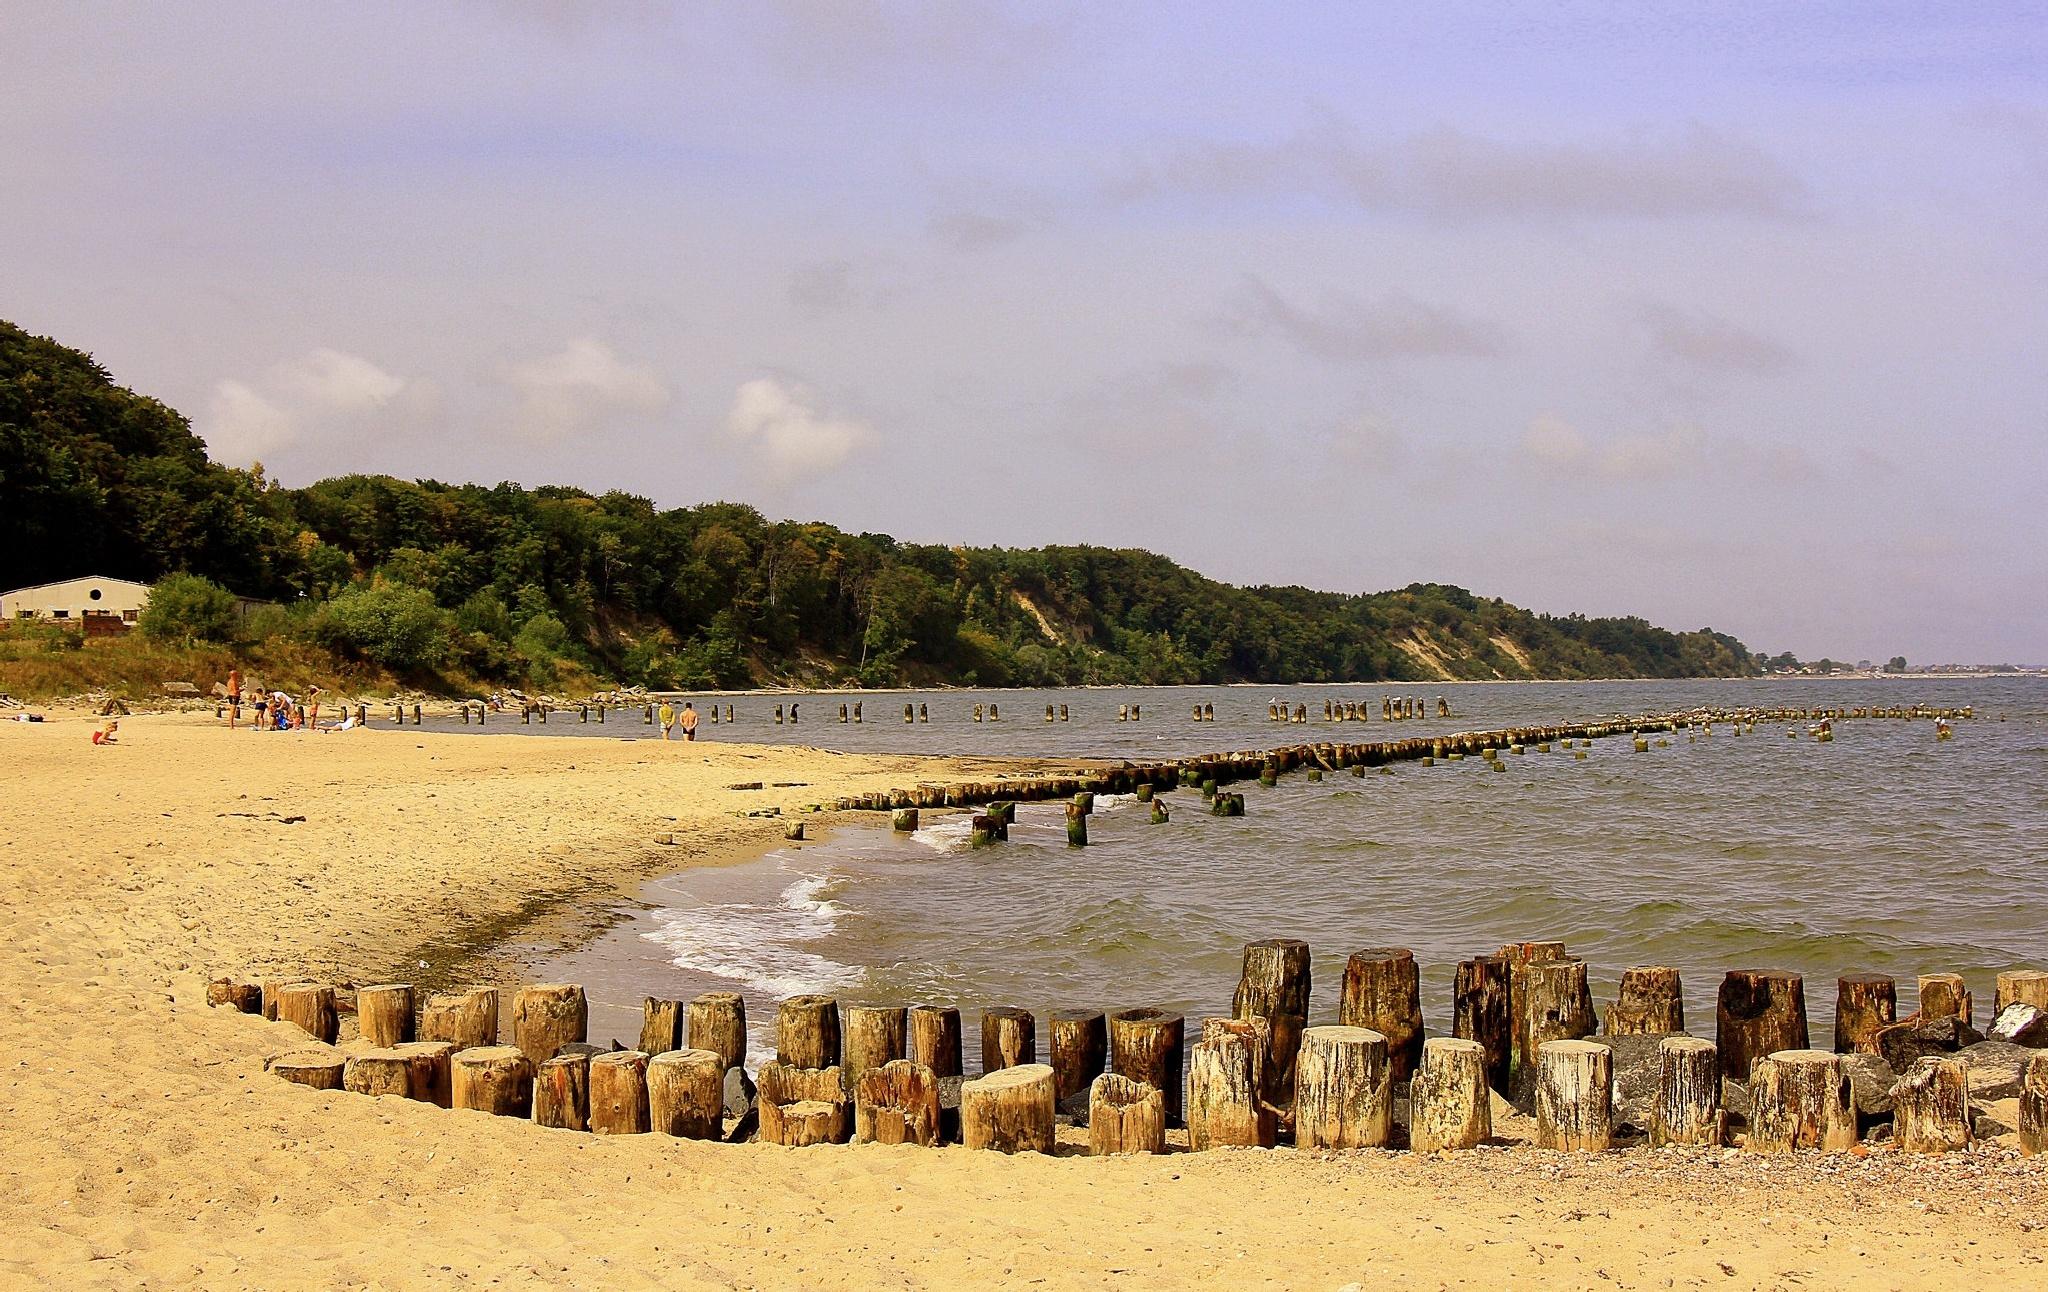 Gdynia beach by Adam Wyciszkiewicz